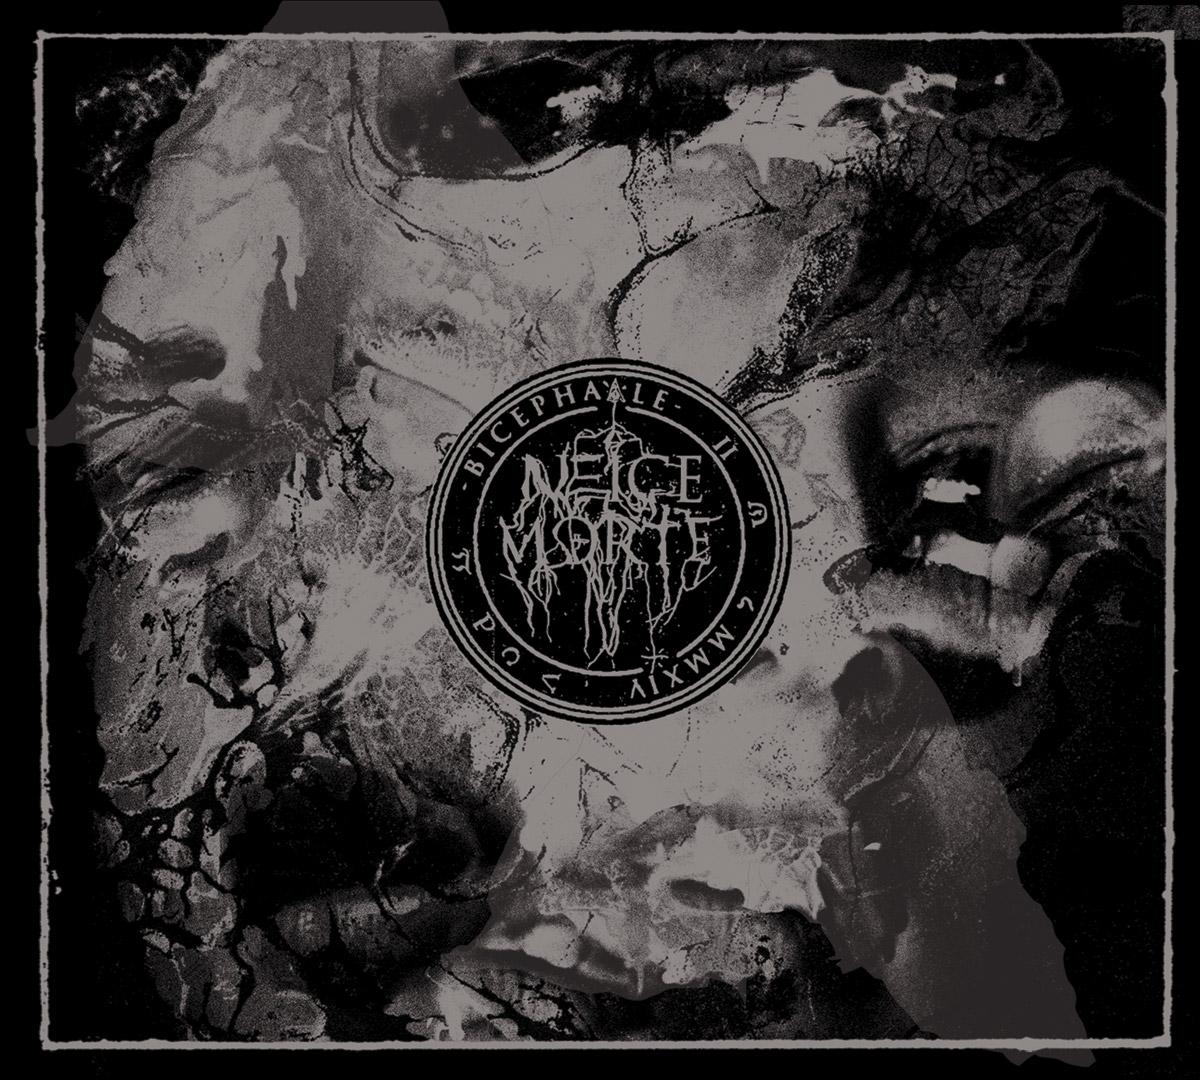 Neige Morte – Bicephaale Review